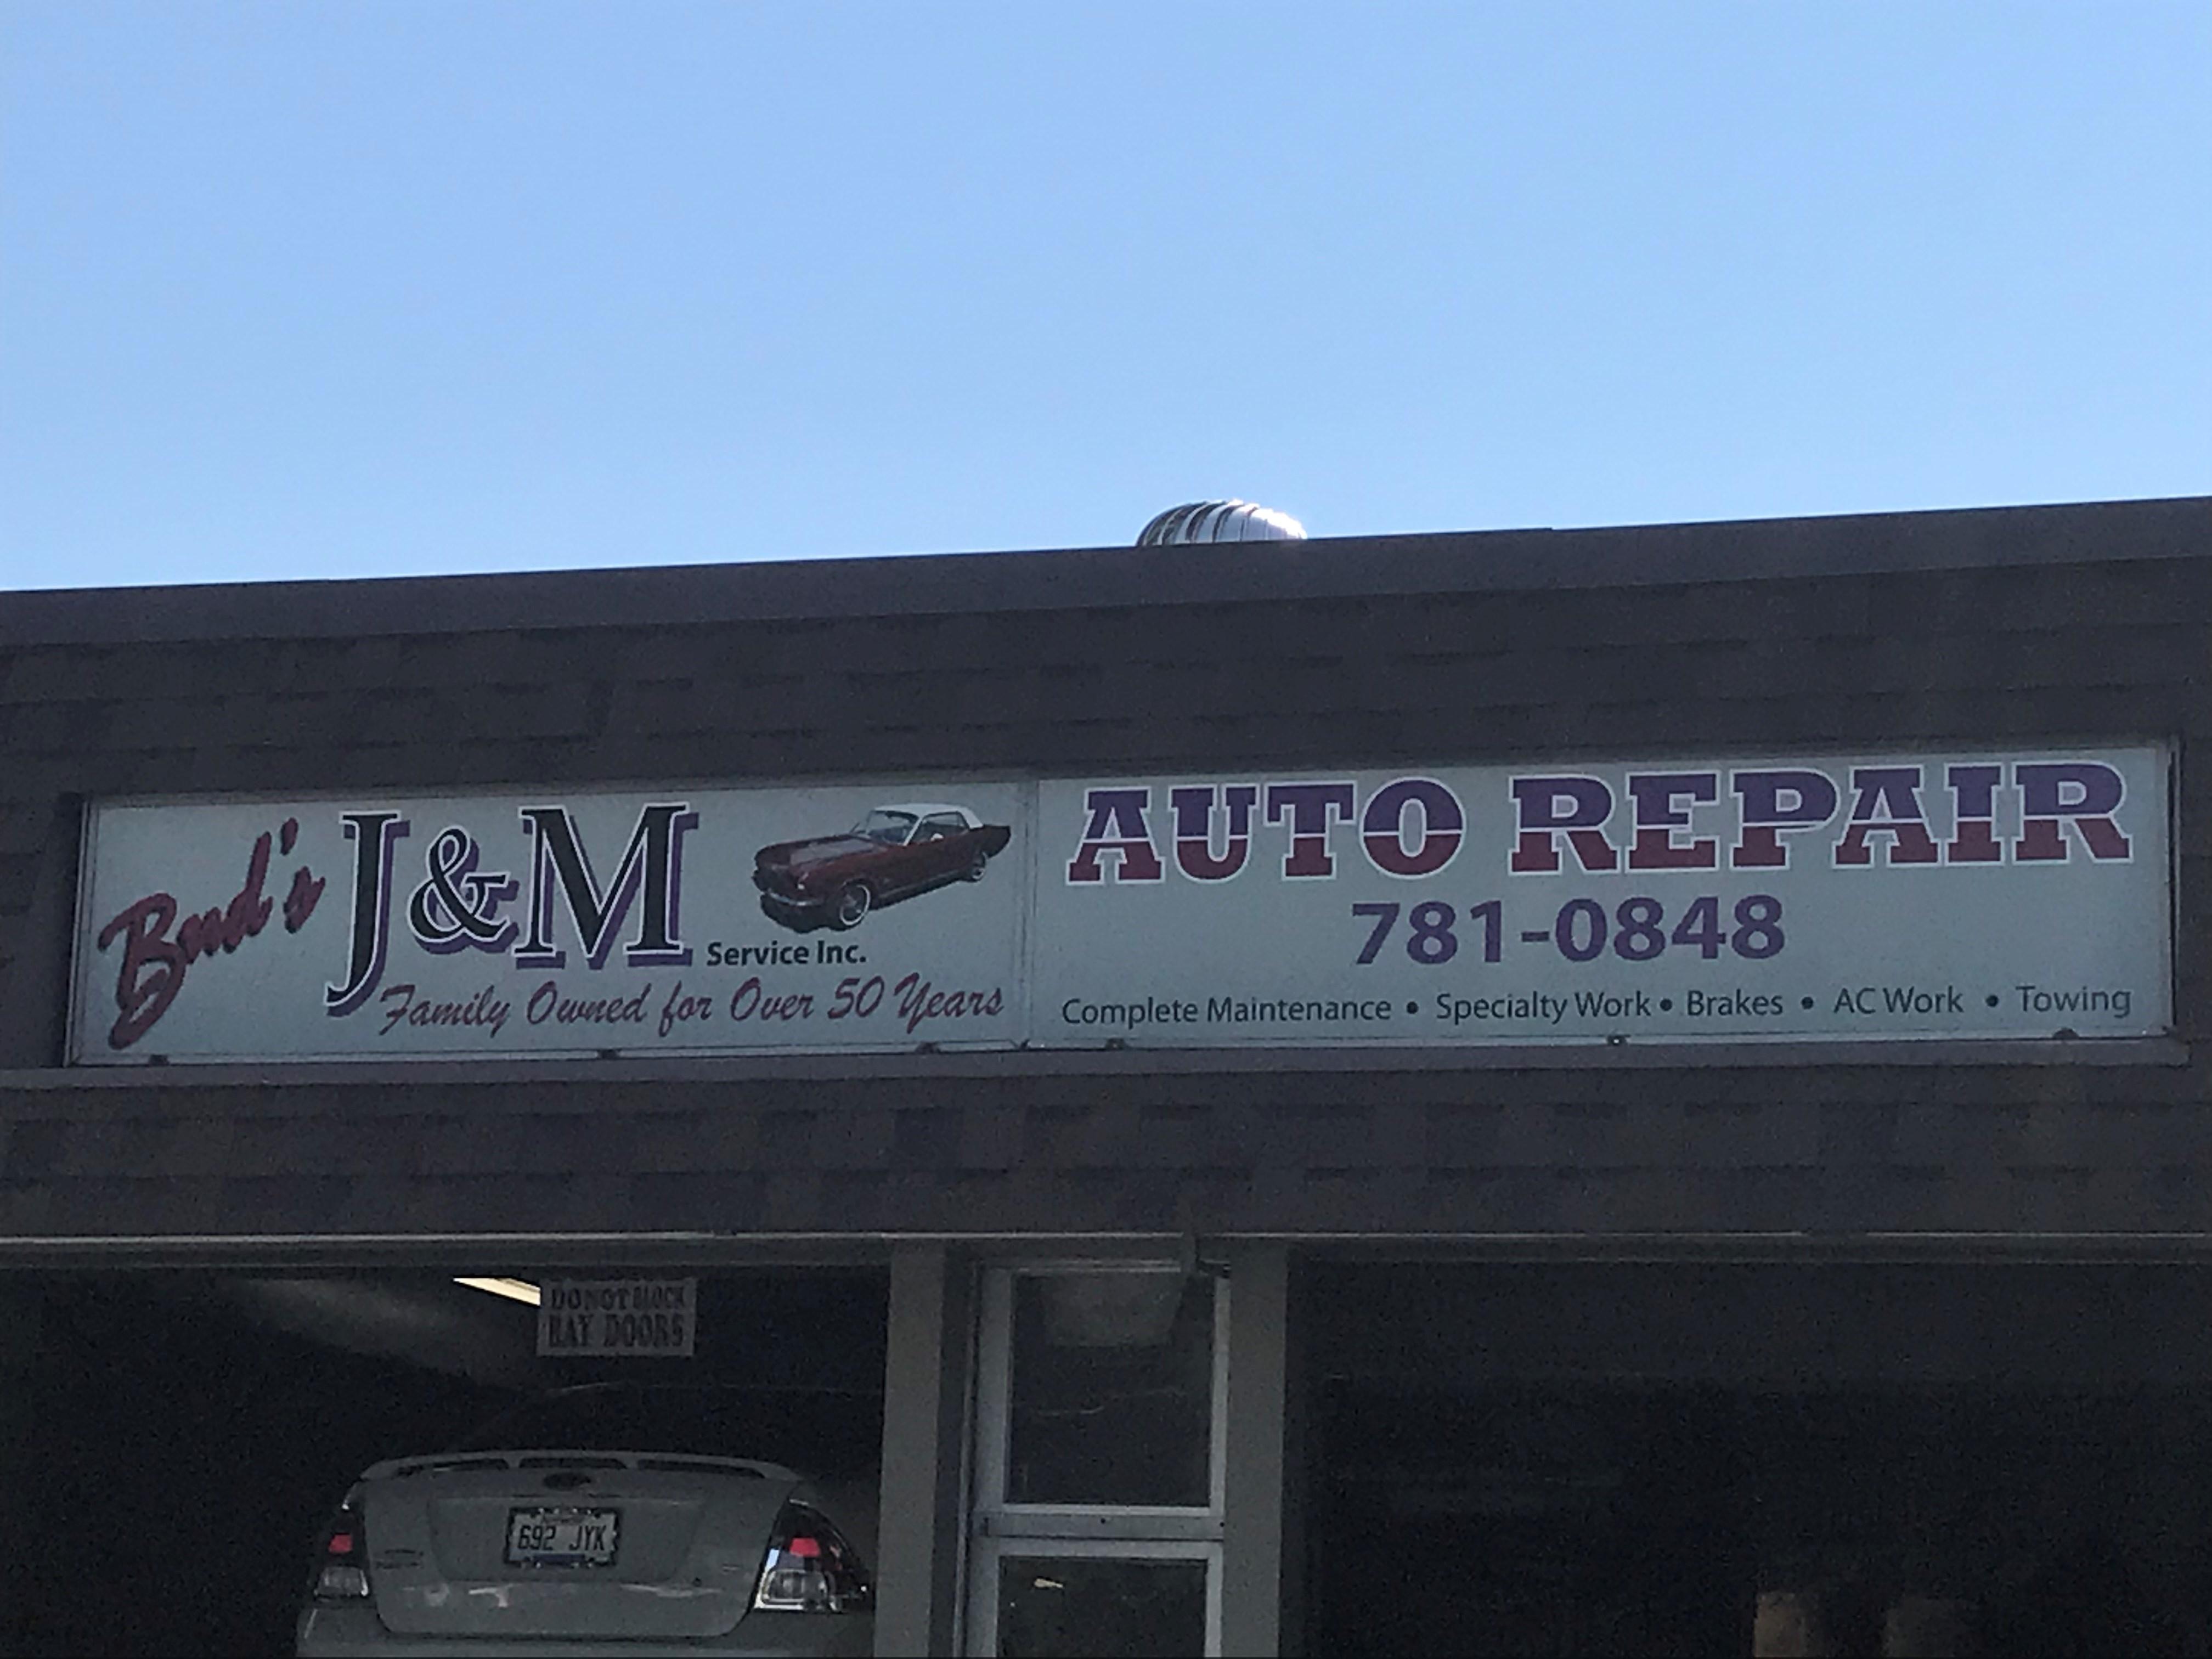 Bud's J & M Service